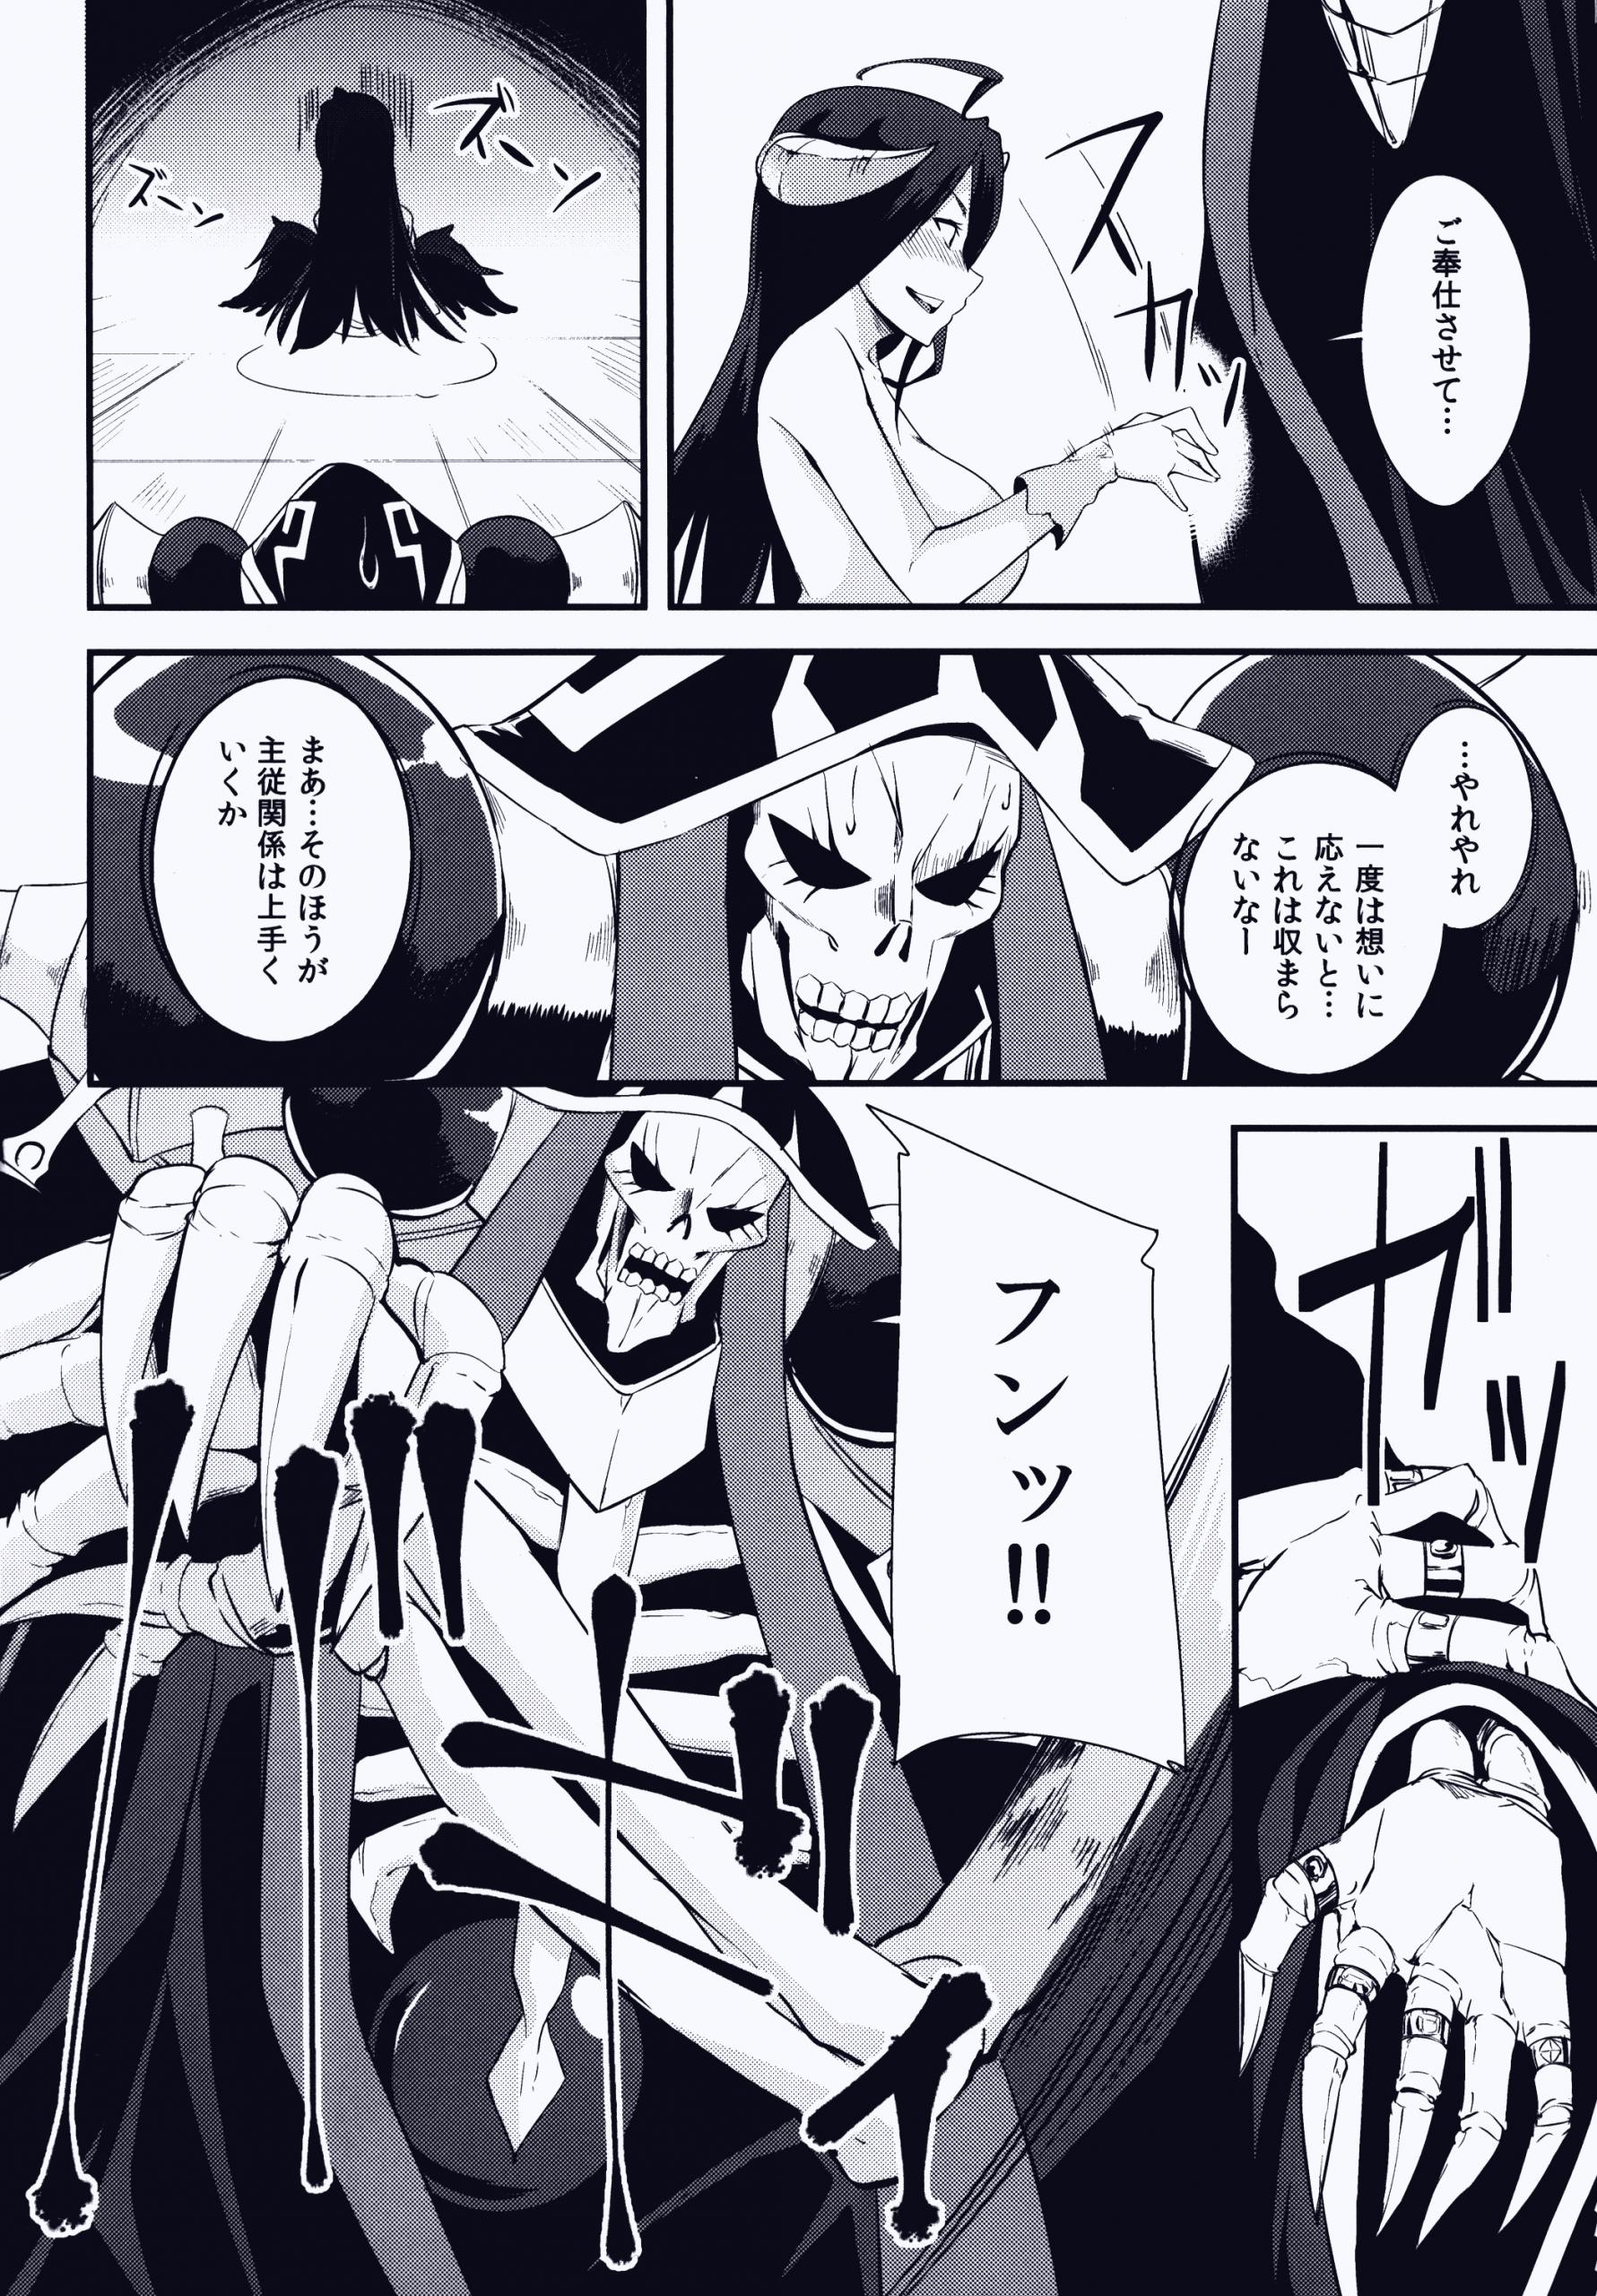 Shikounaru Tawamure page 15